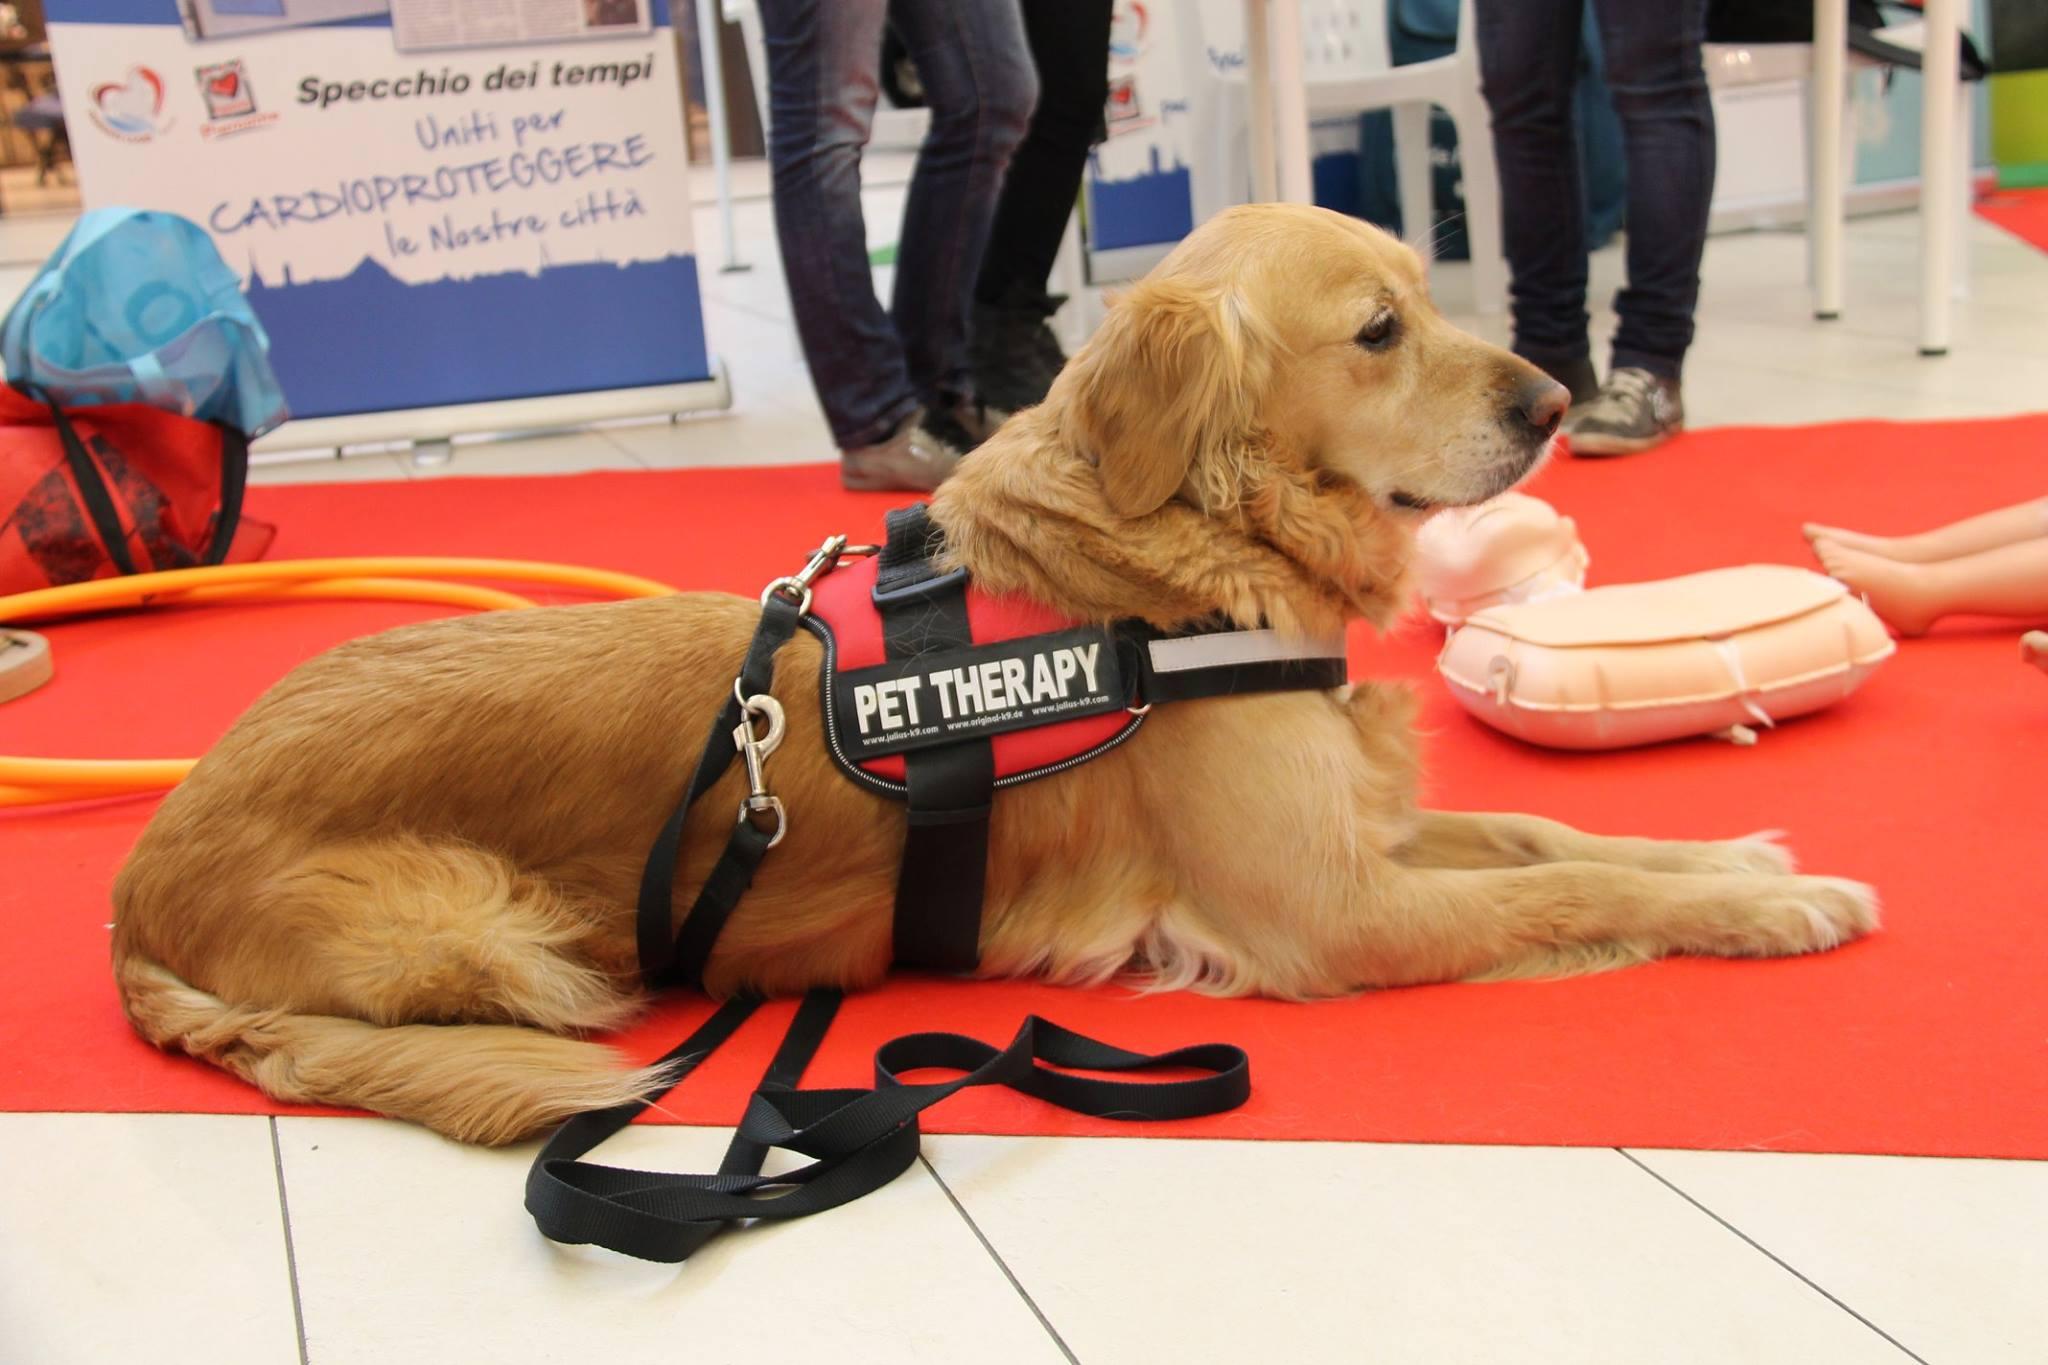 pet-therapy-cse-benefici-attivita